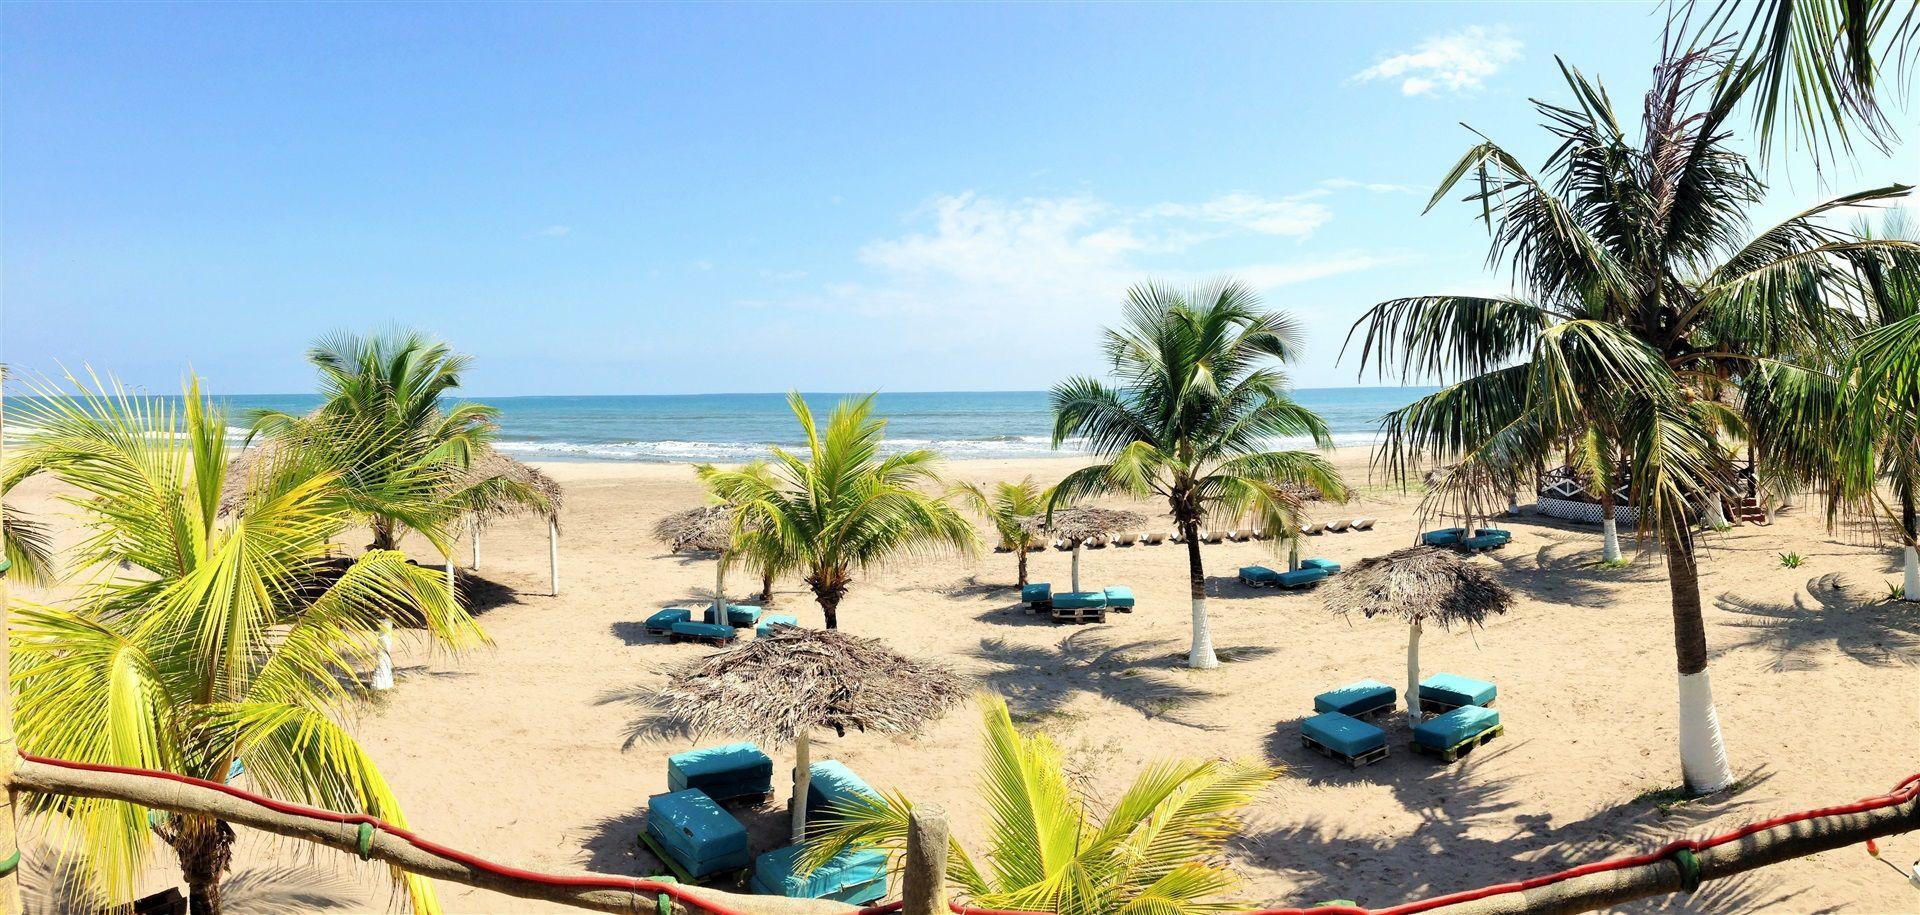 Hotel Costa Azul FaroMarejada  Honduras Tips